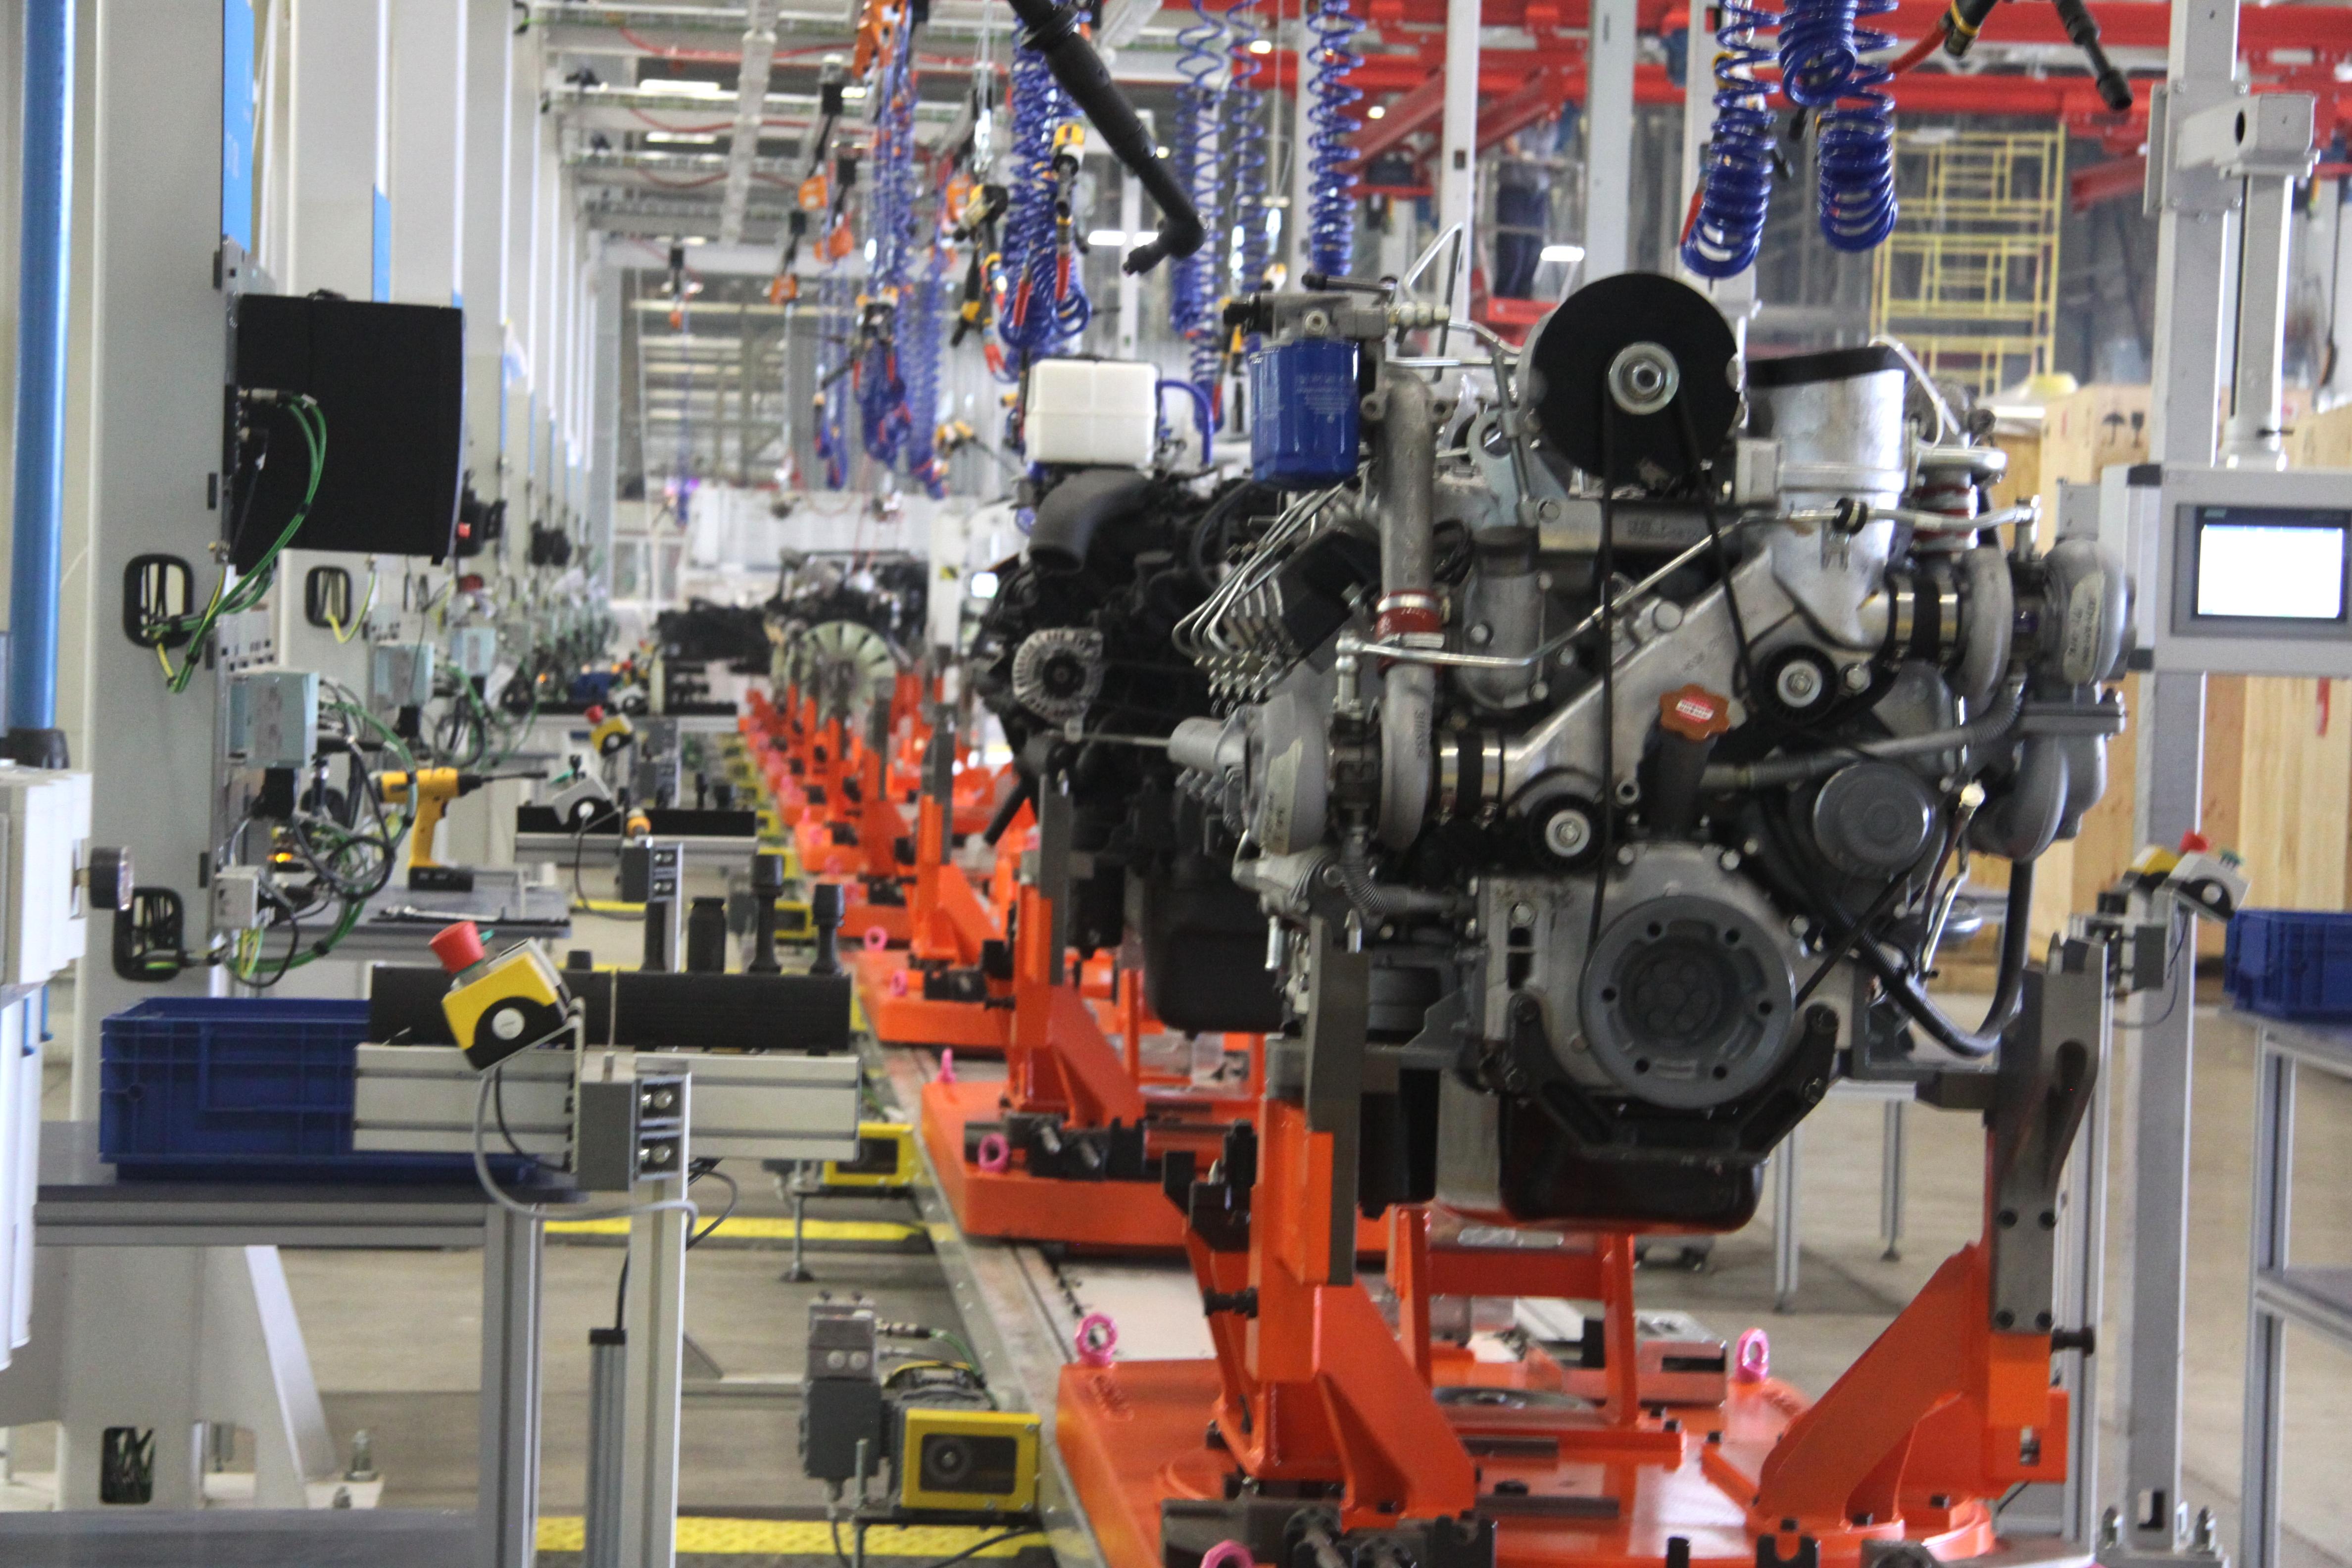 На заводе двигателей протестировали новую линию стыковки